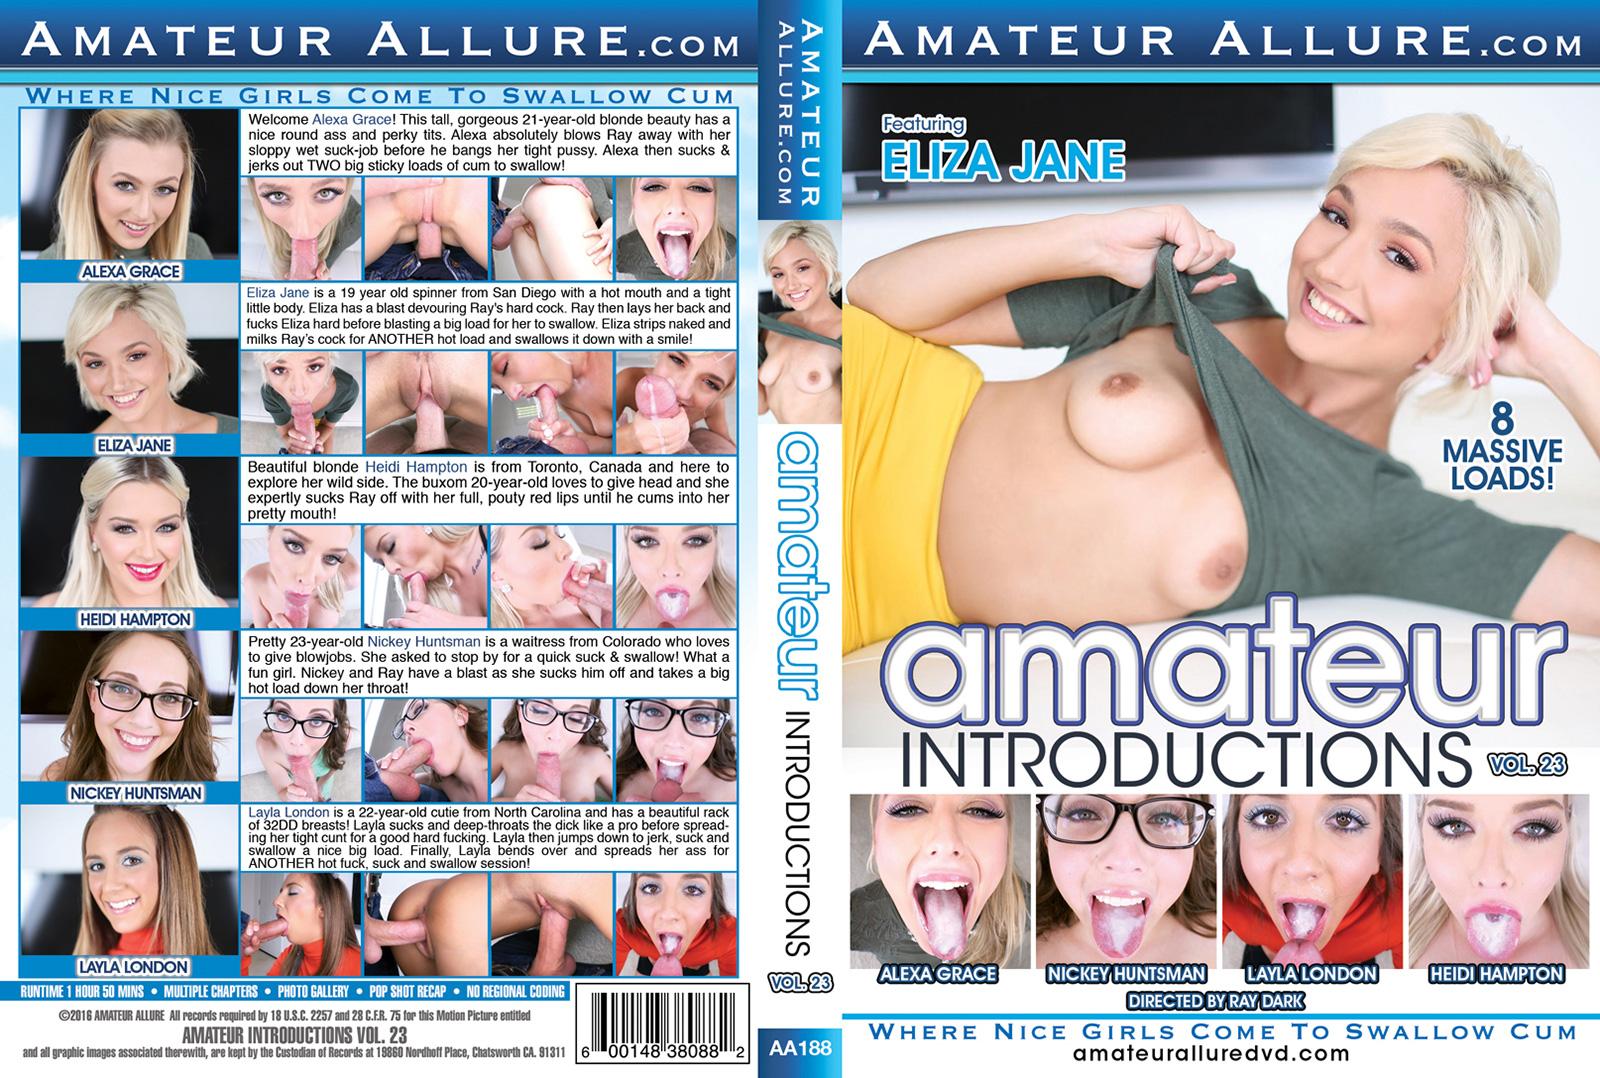 amateur_introductions_23-dvd-large.jpg